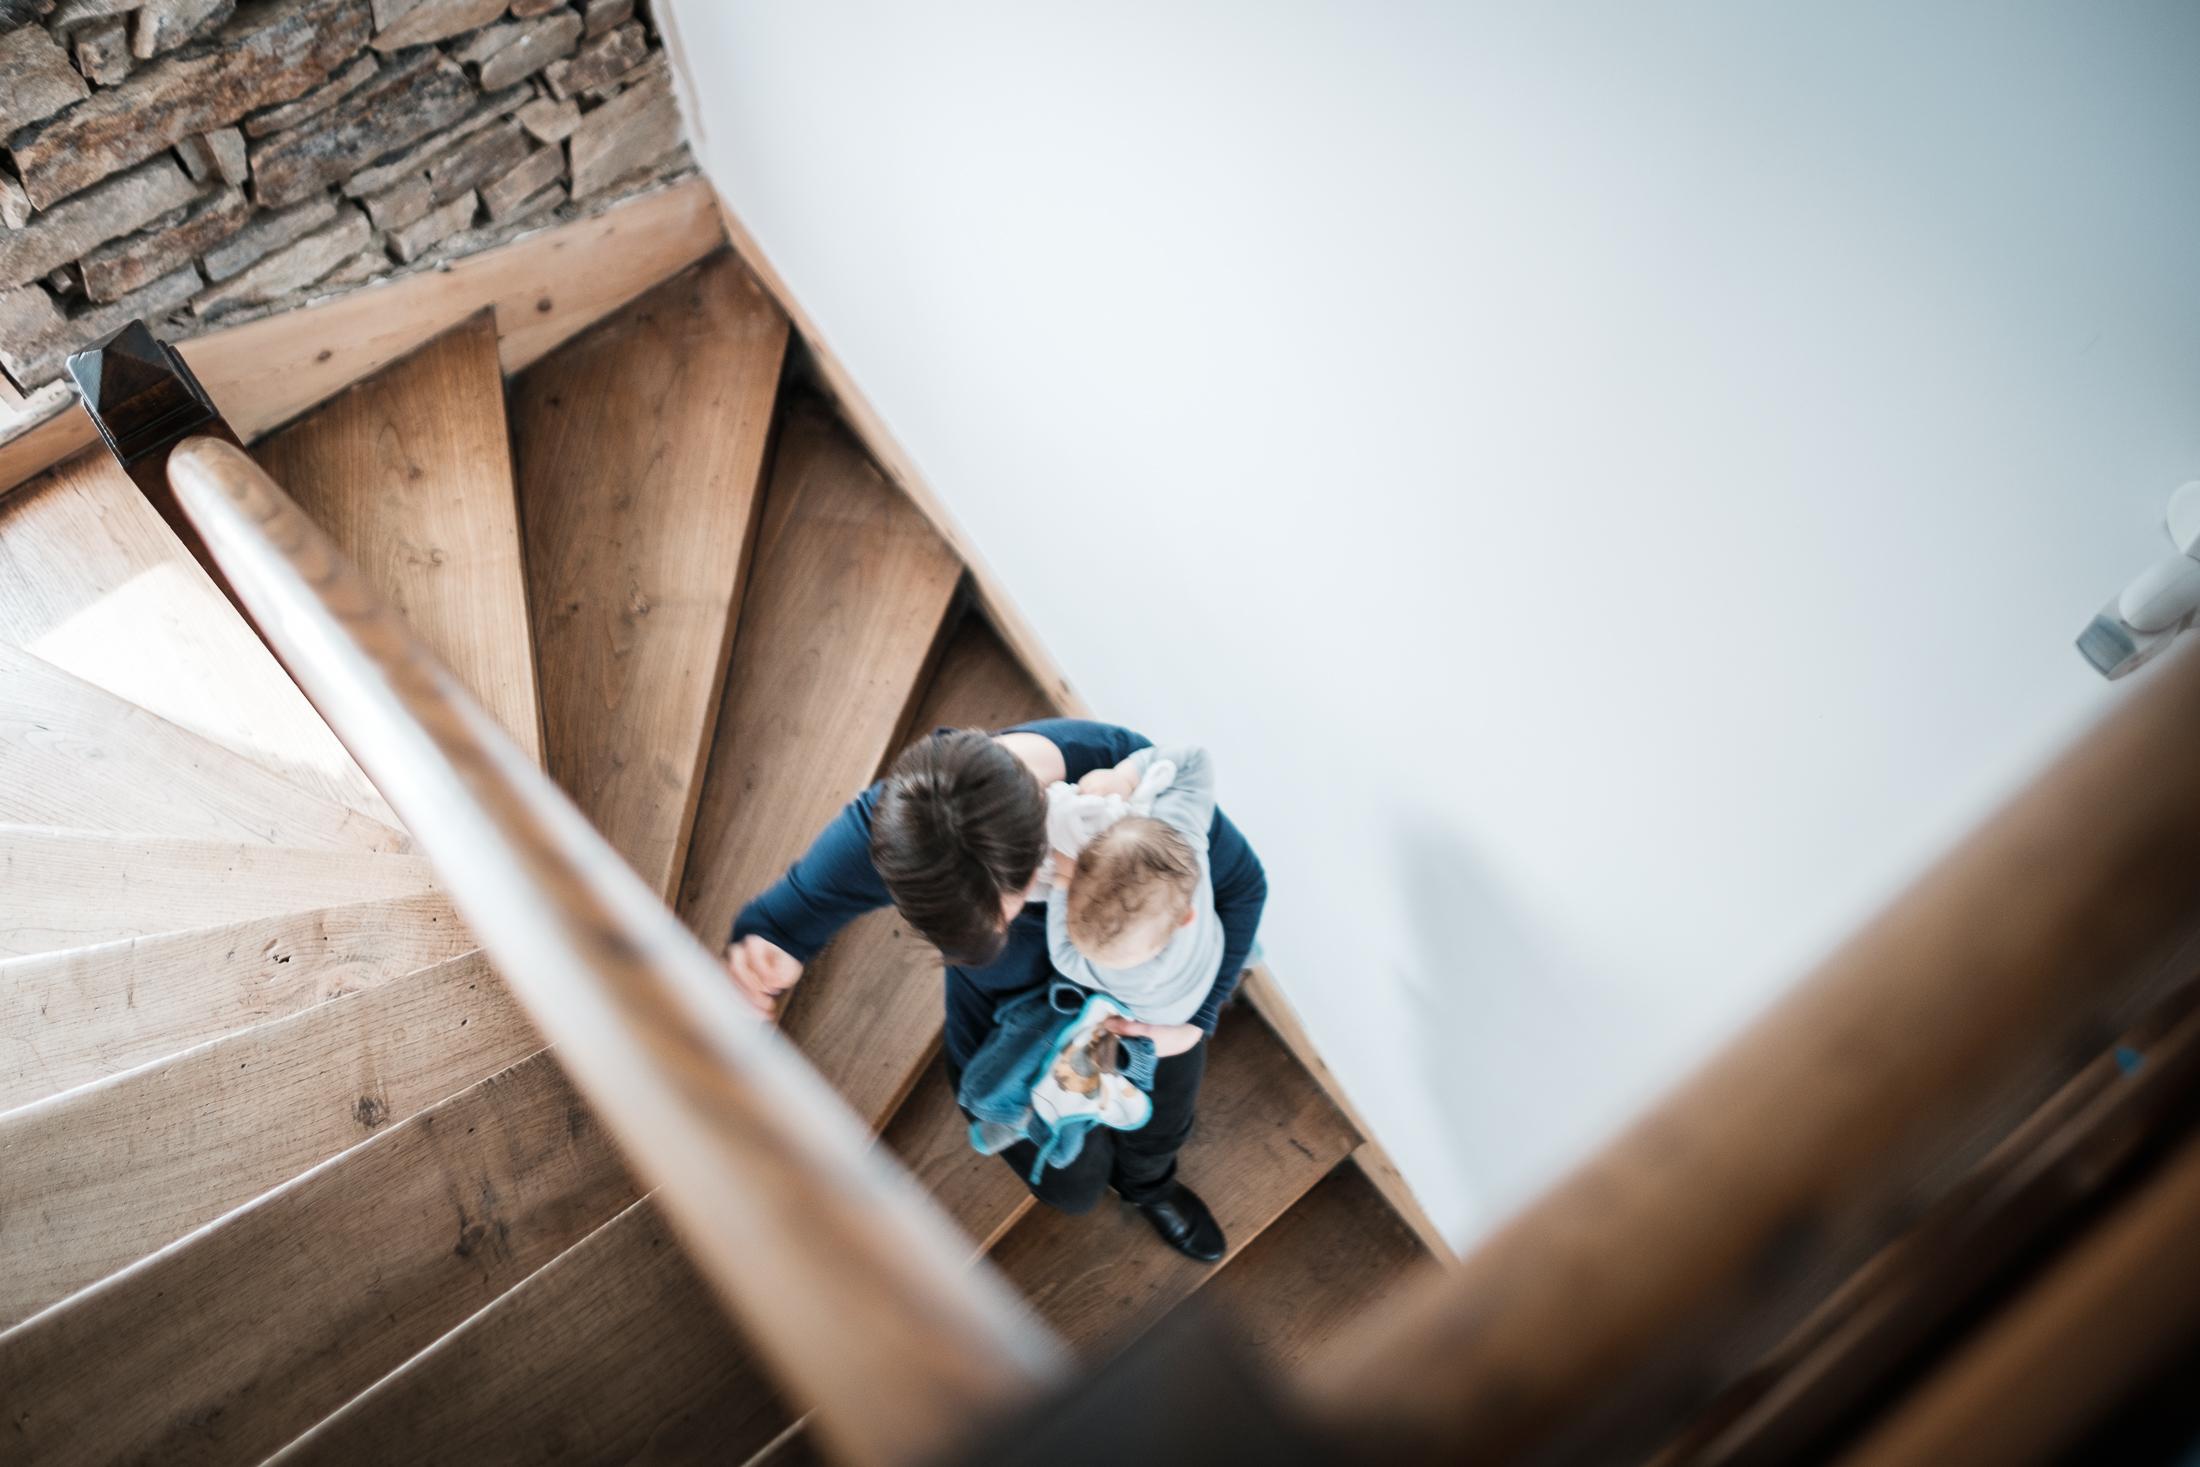 prestations photographe famille maman et bébé descendent les escalier